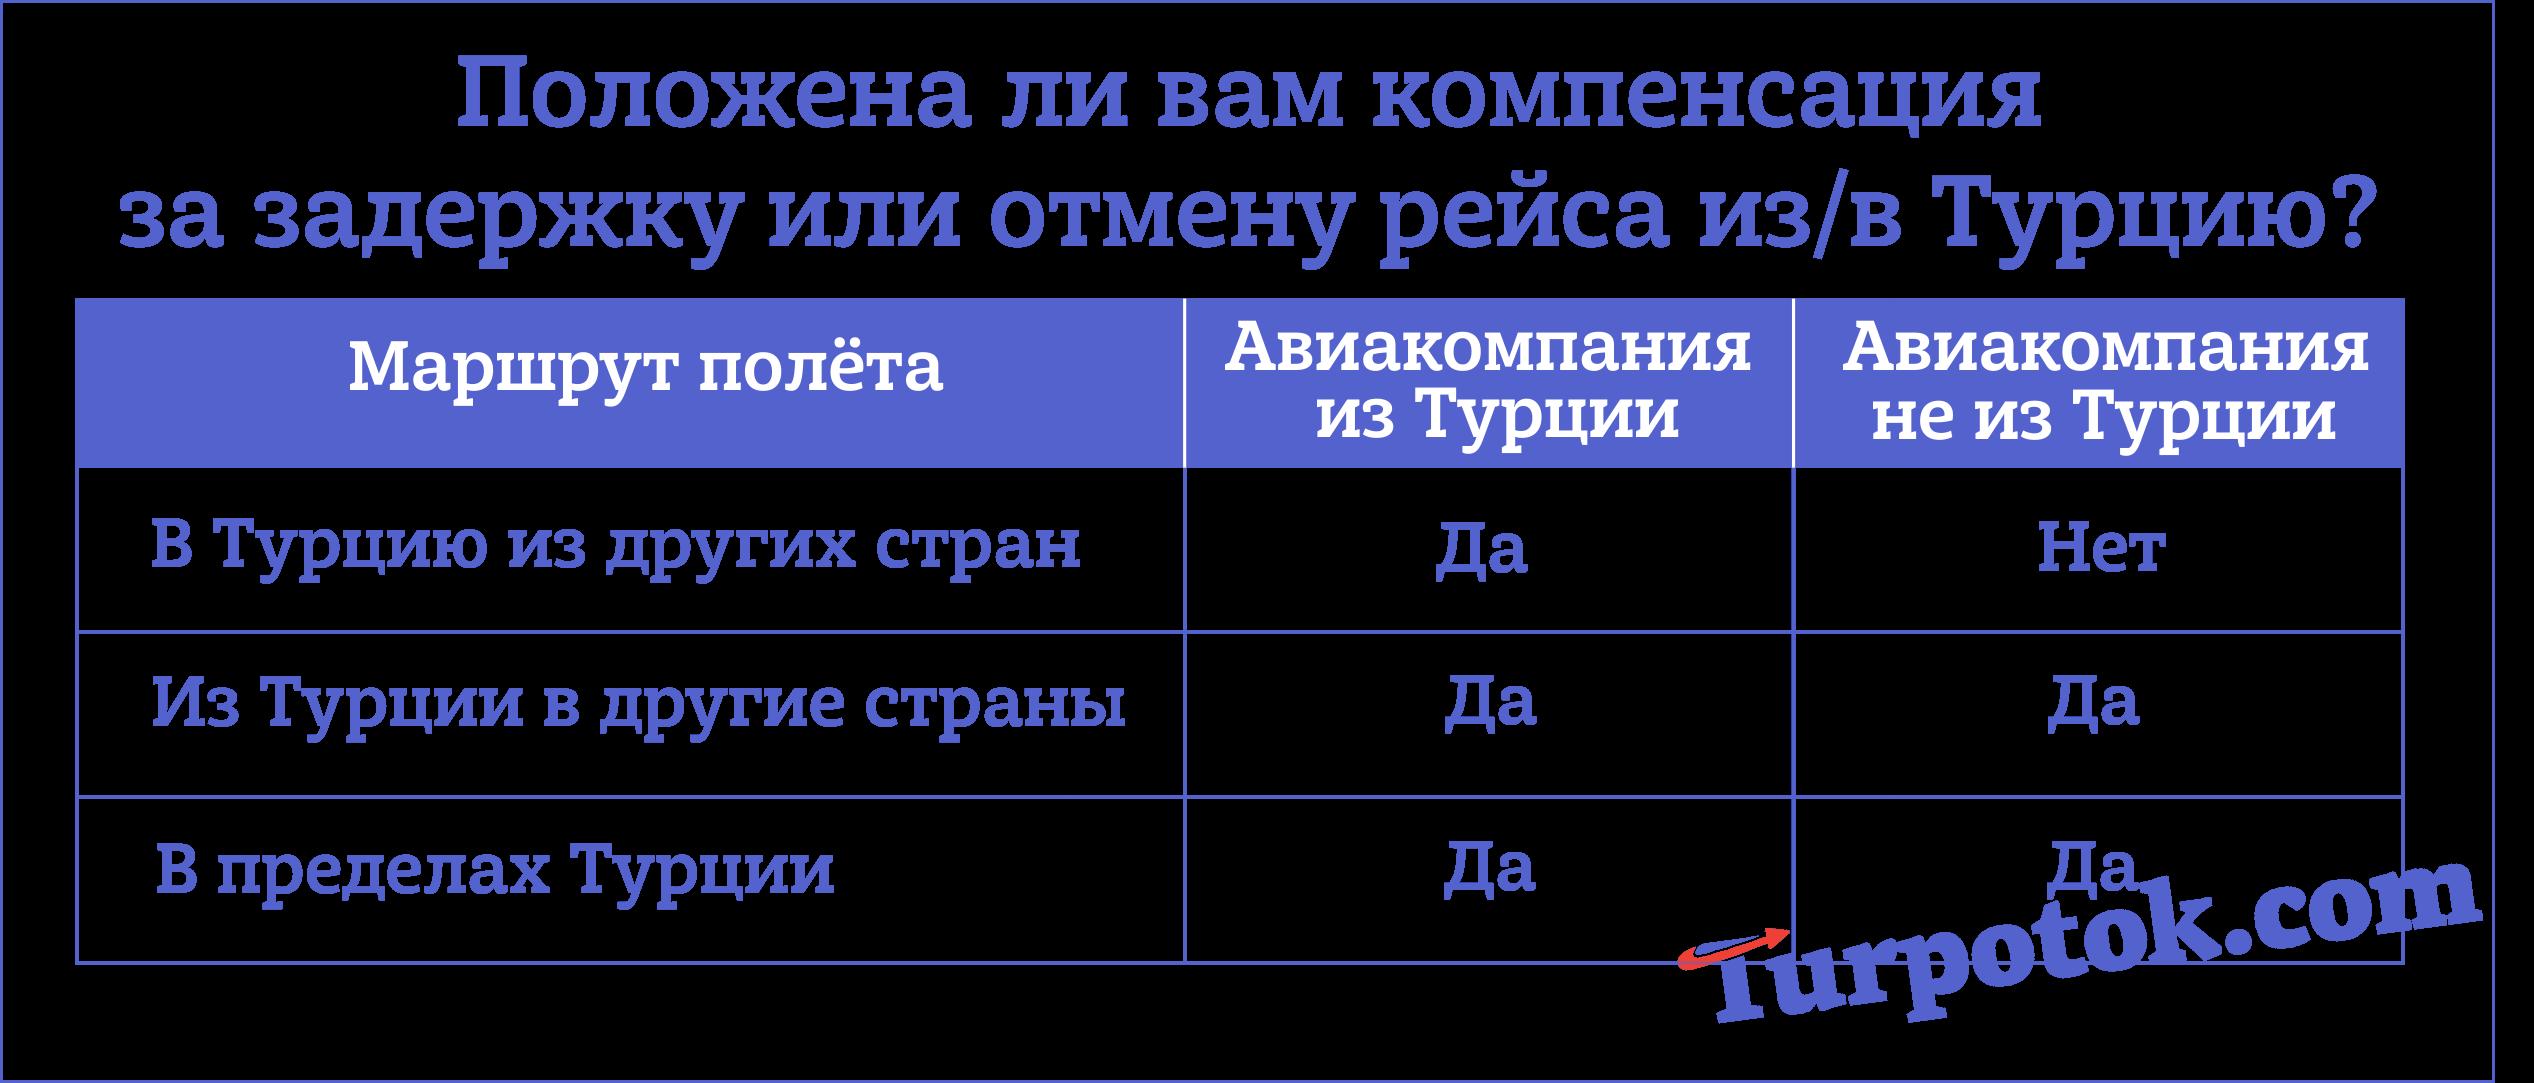 """Таблица """"В каких случаях выплачивается компенсация за задержку или отмену рейса в Турцию"""""""